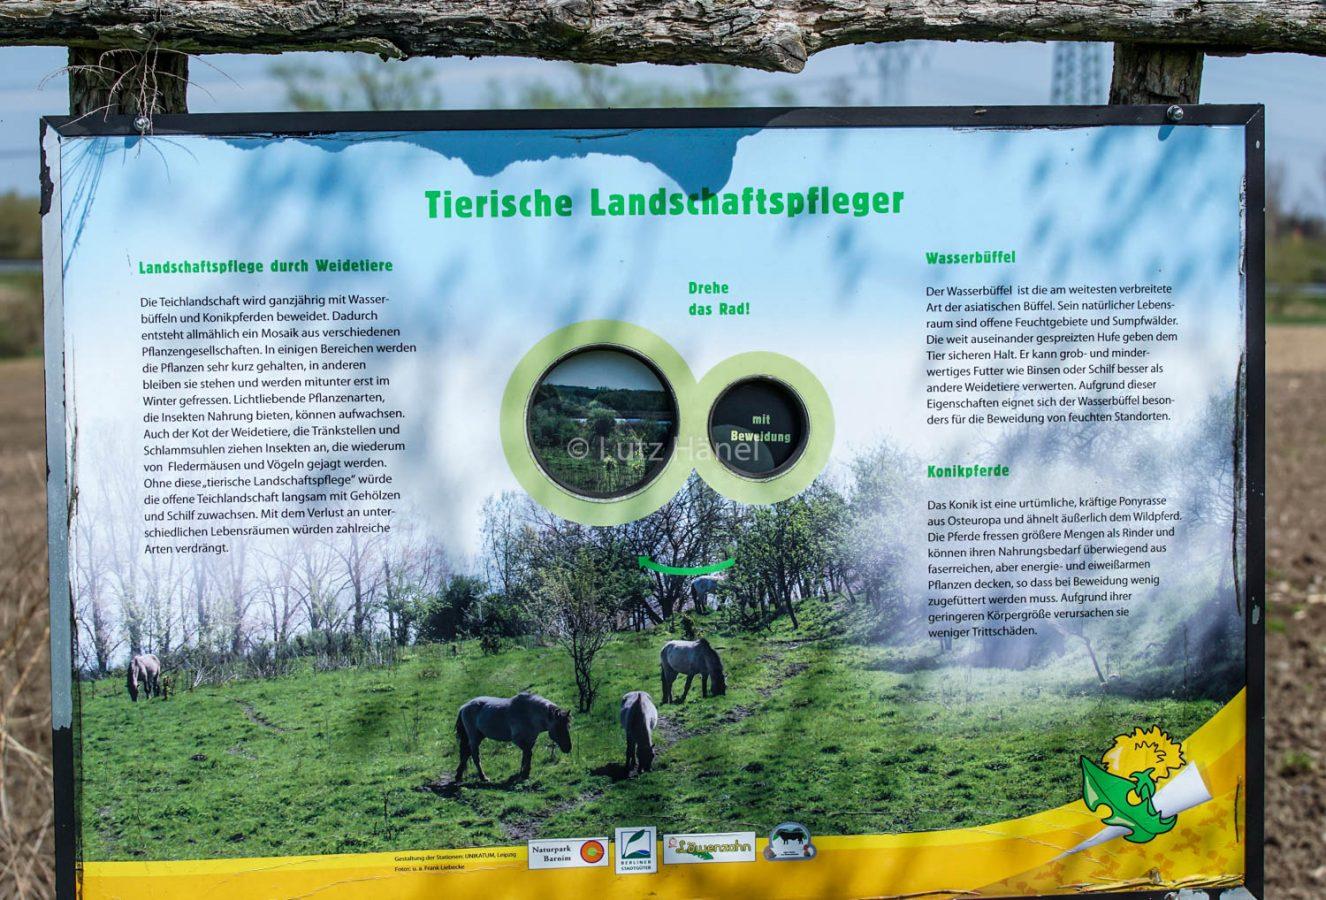 Lehrpfadtafel Tierische Landschaftspfleger im Mühlenbecker Land.